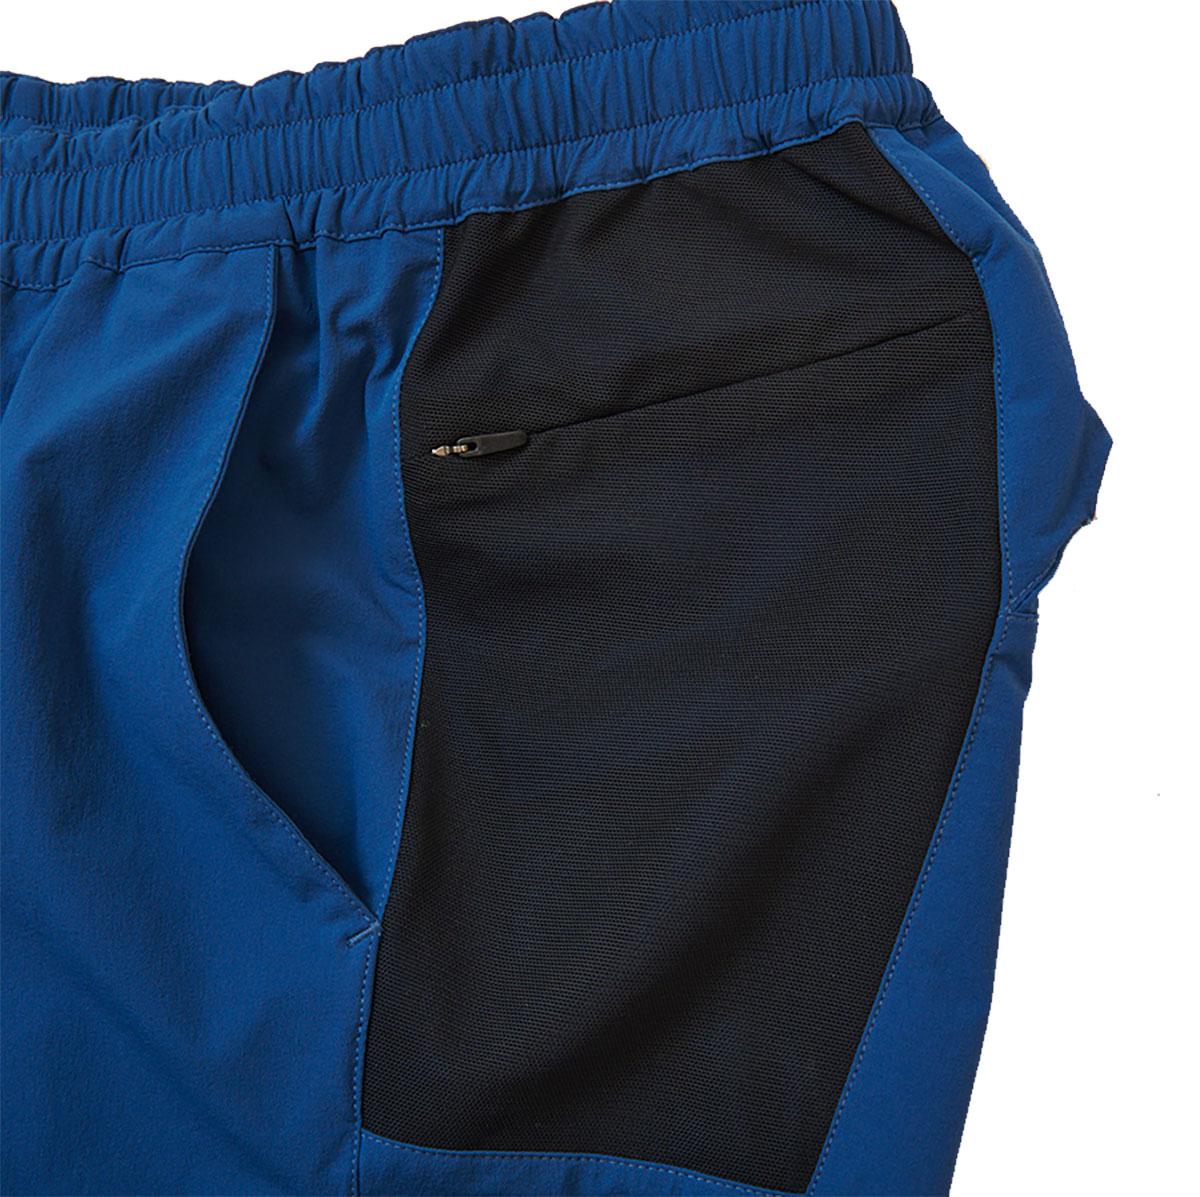 両サイドにメッシュ状のポケット付。運動時に内容物が股関節の可動域を妨げない仕様。